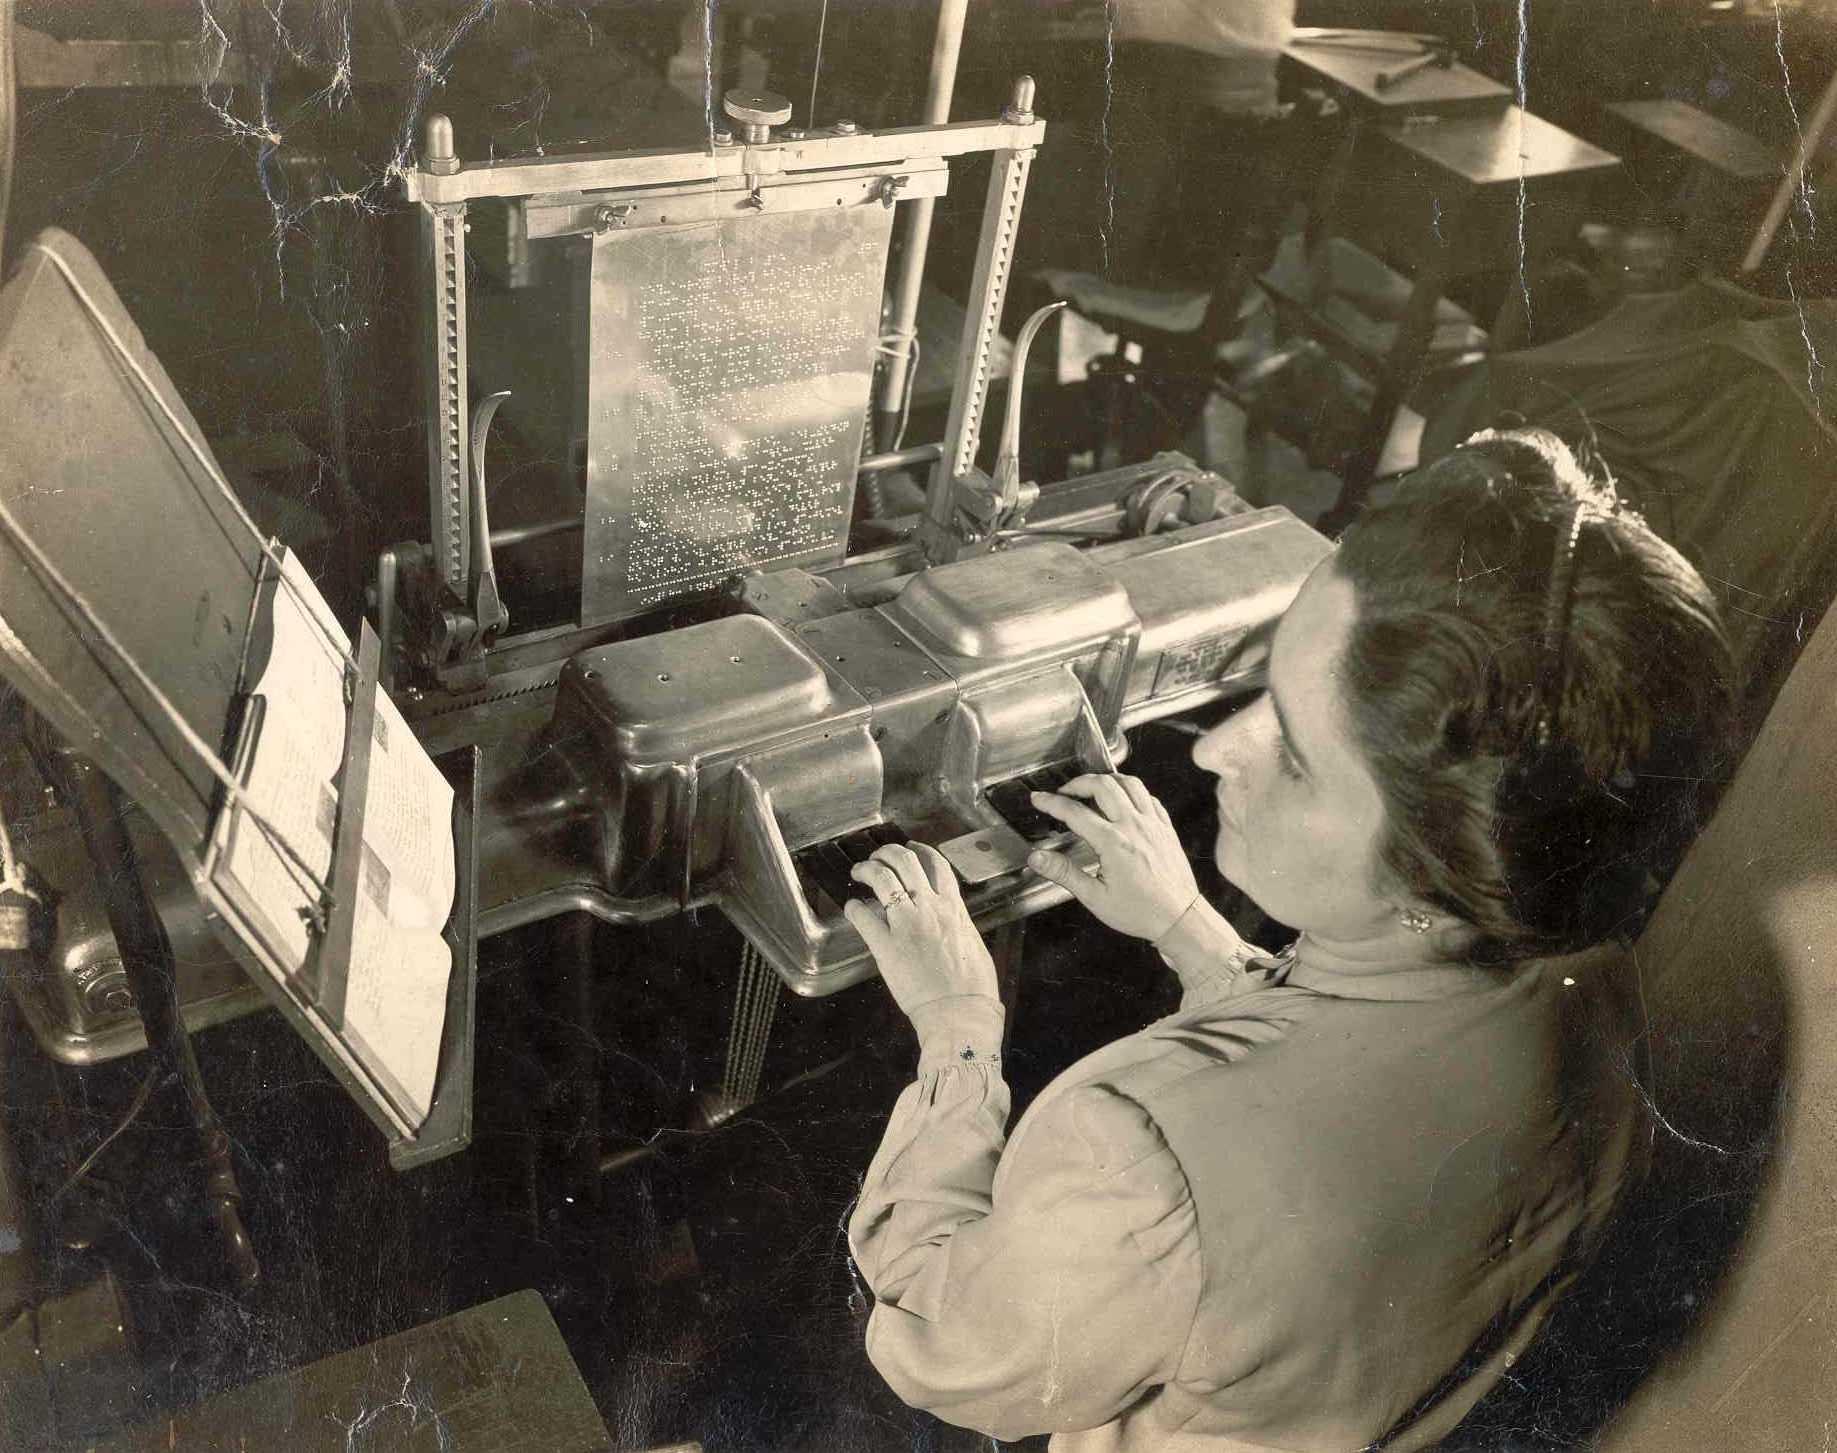 Descrição da imagem: foto em preto e branco de uma mulher com mãos sobre teclas de máquina braille. Ela olha para um livro em tinta posicionado à sua esquerda.